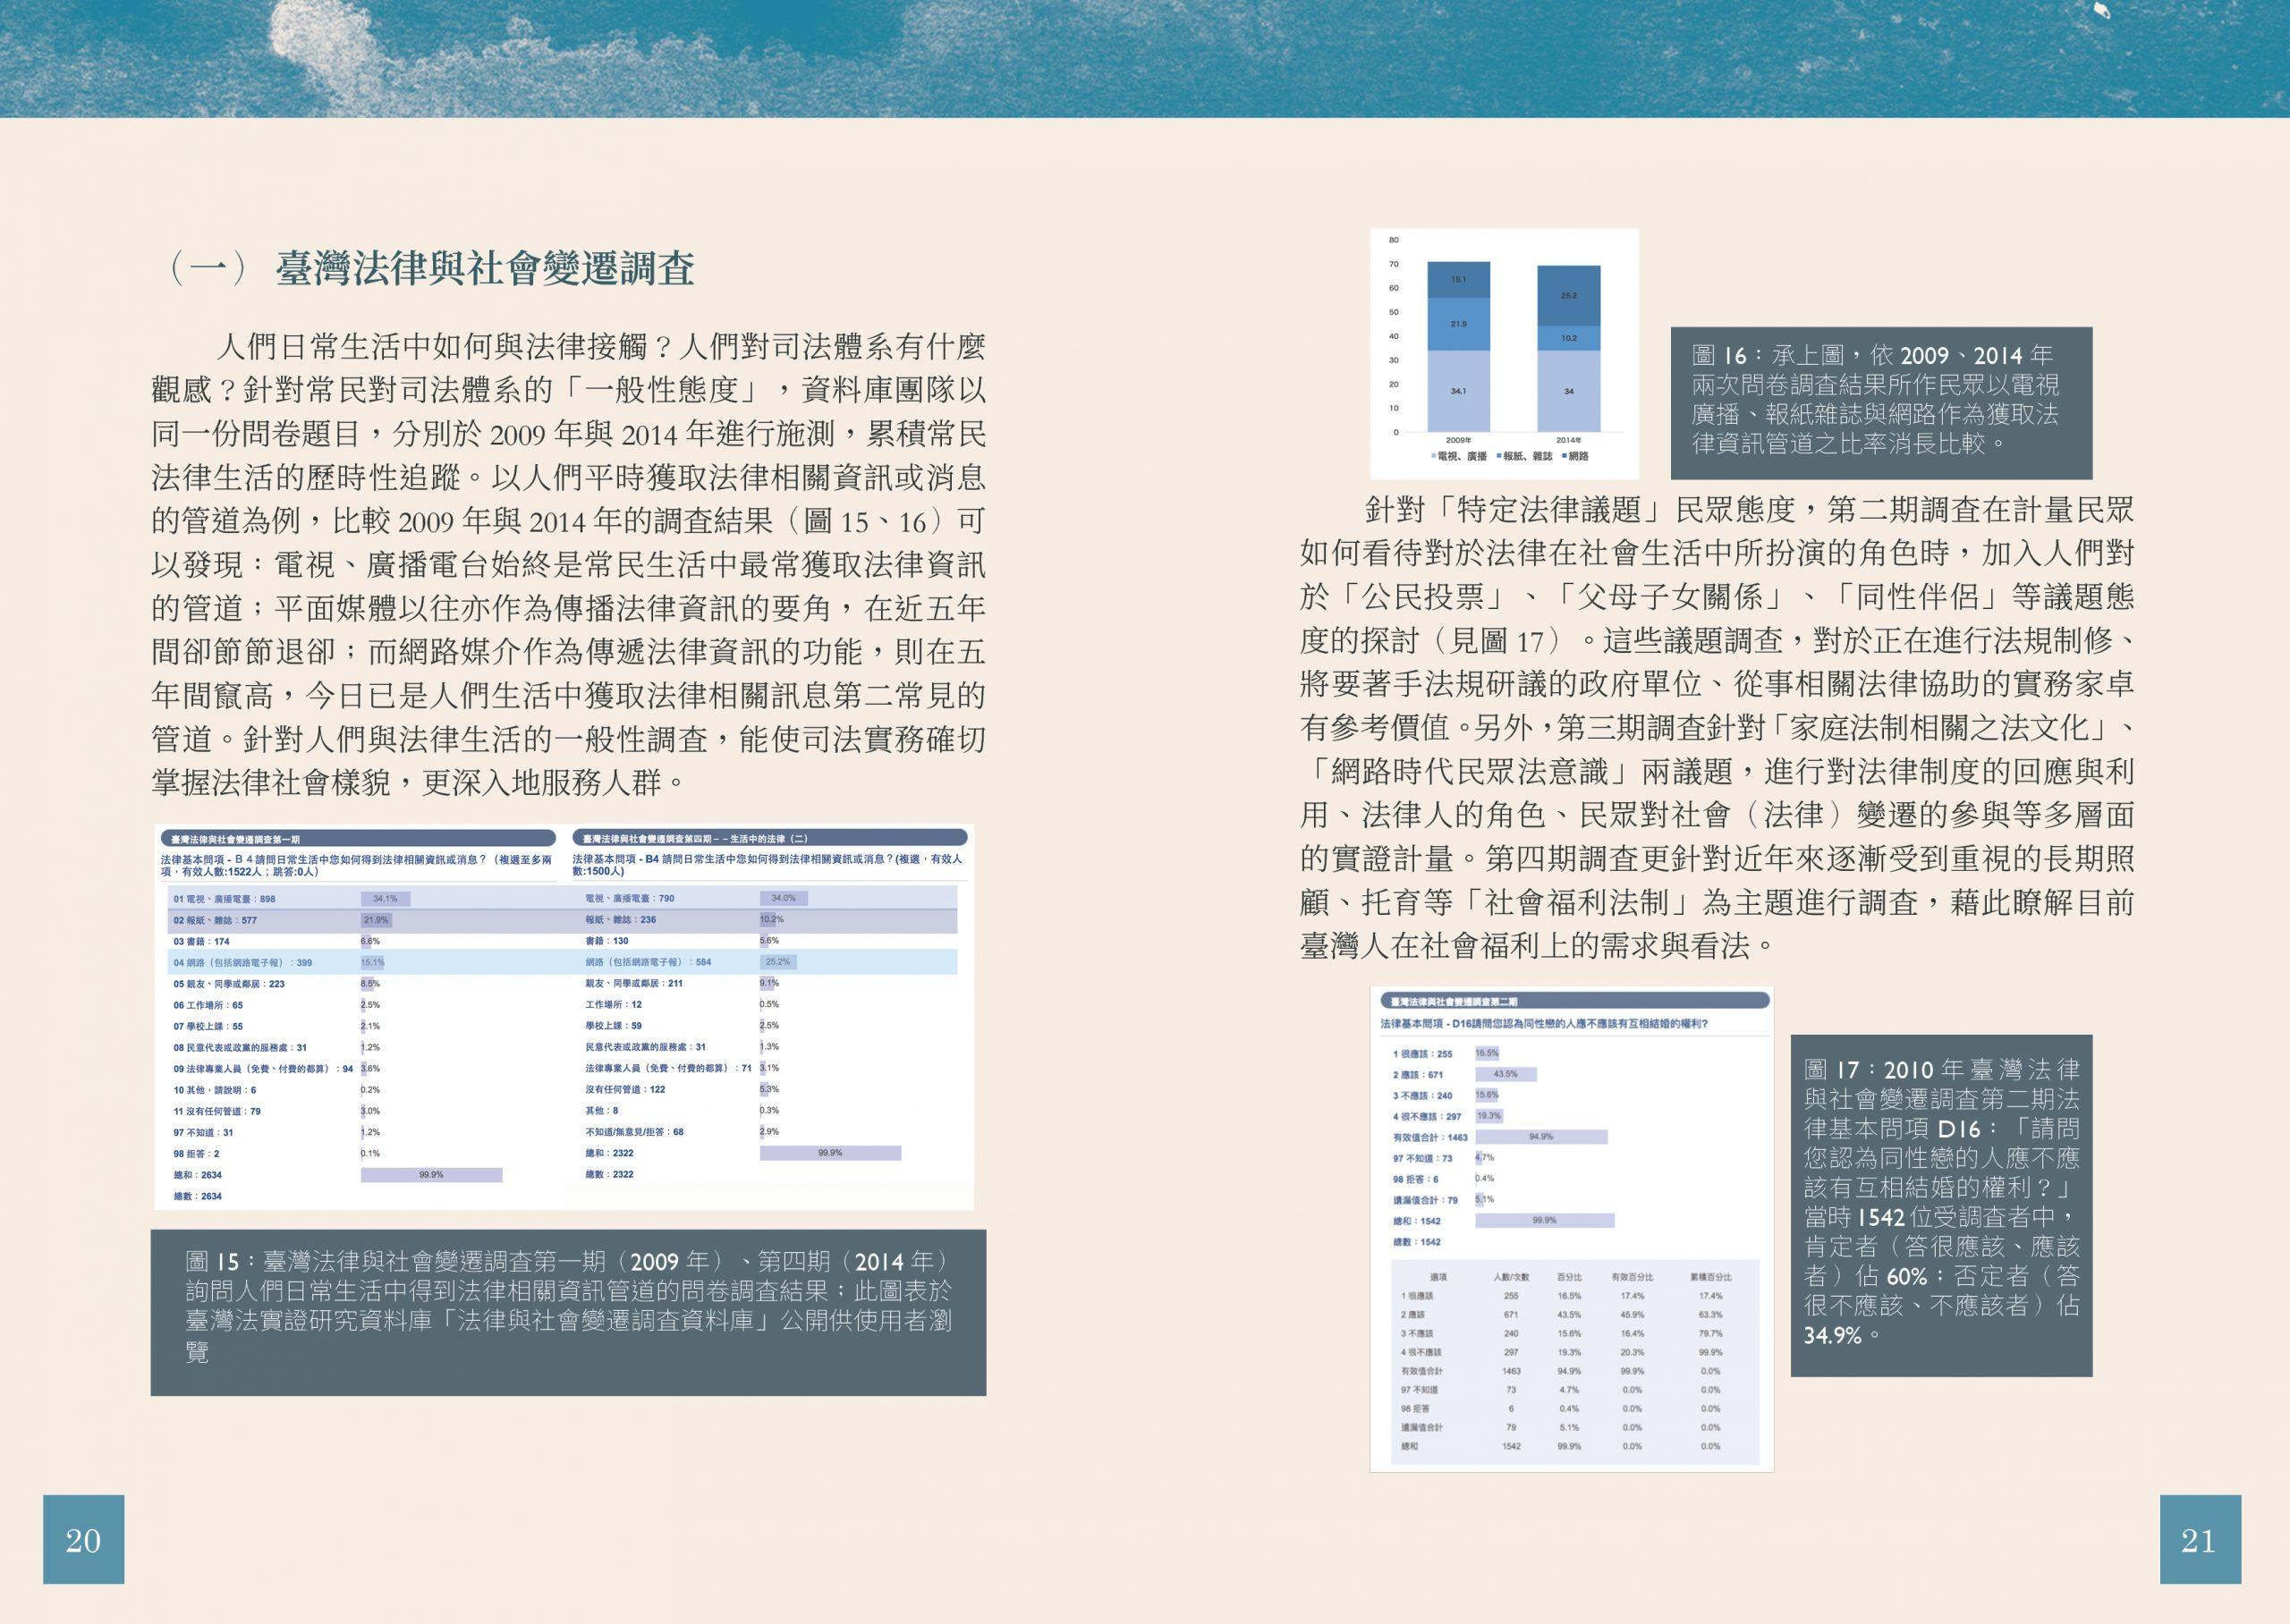 台灣法實證資料庫介紹手冊內文_1001-211